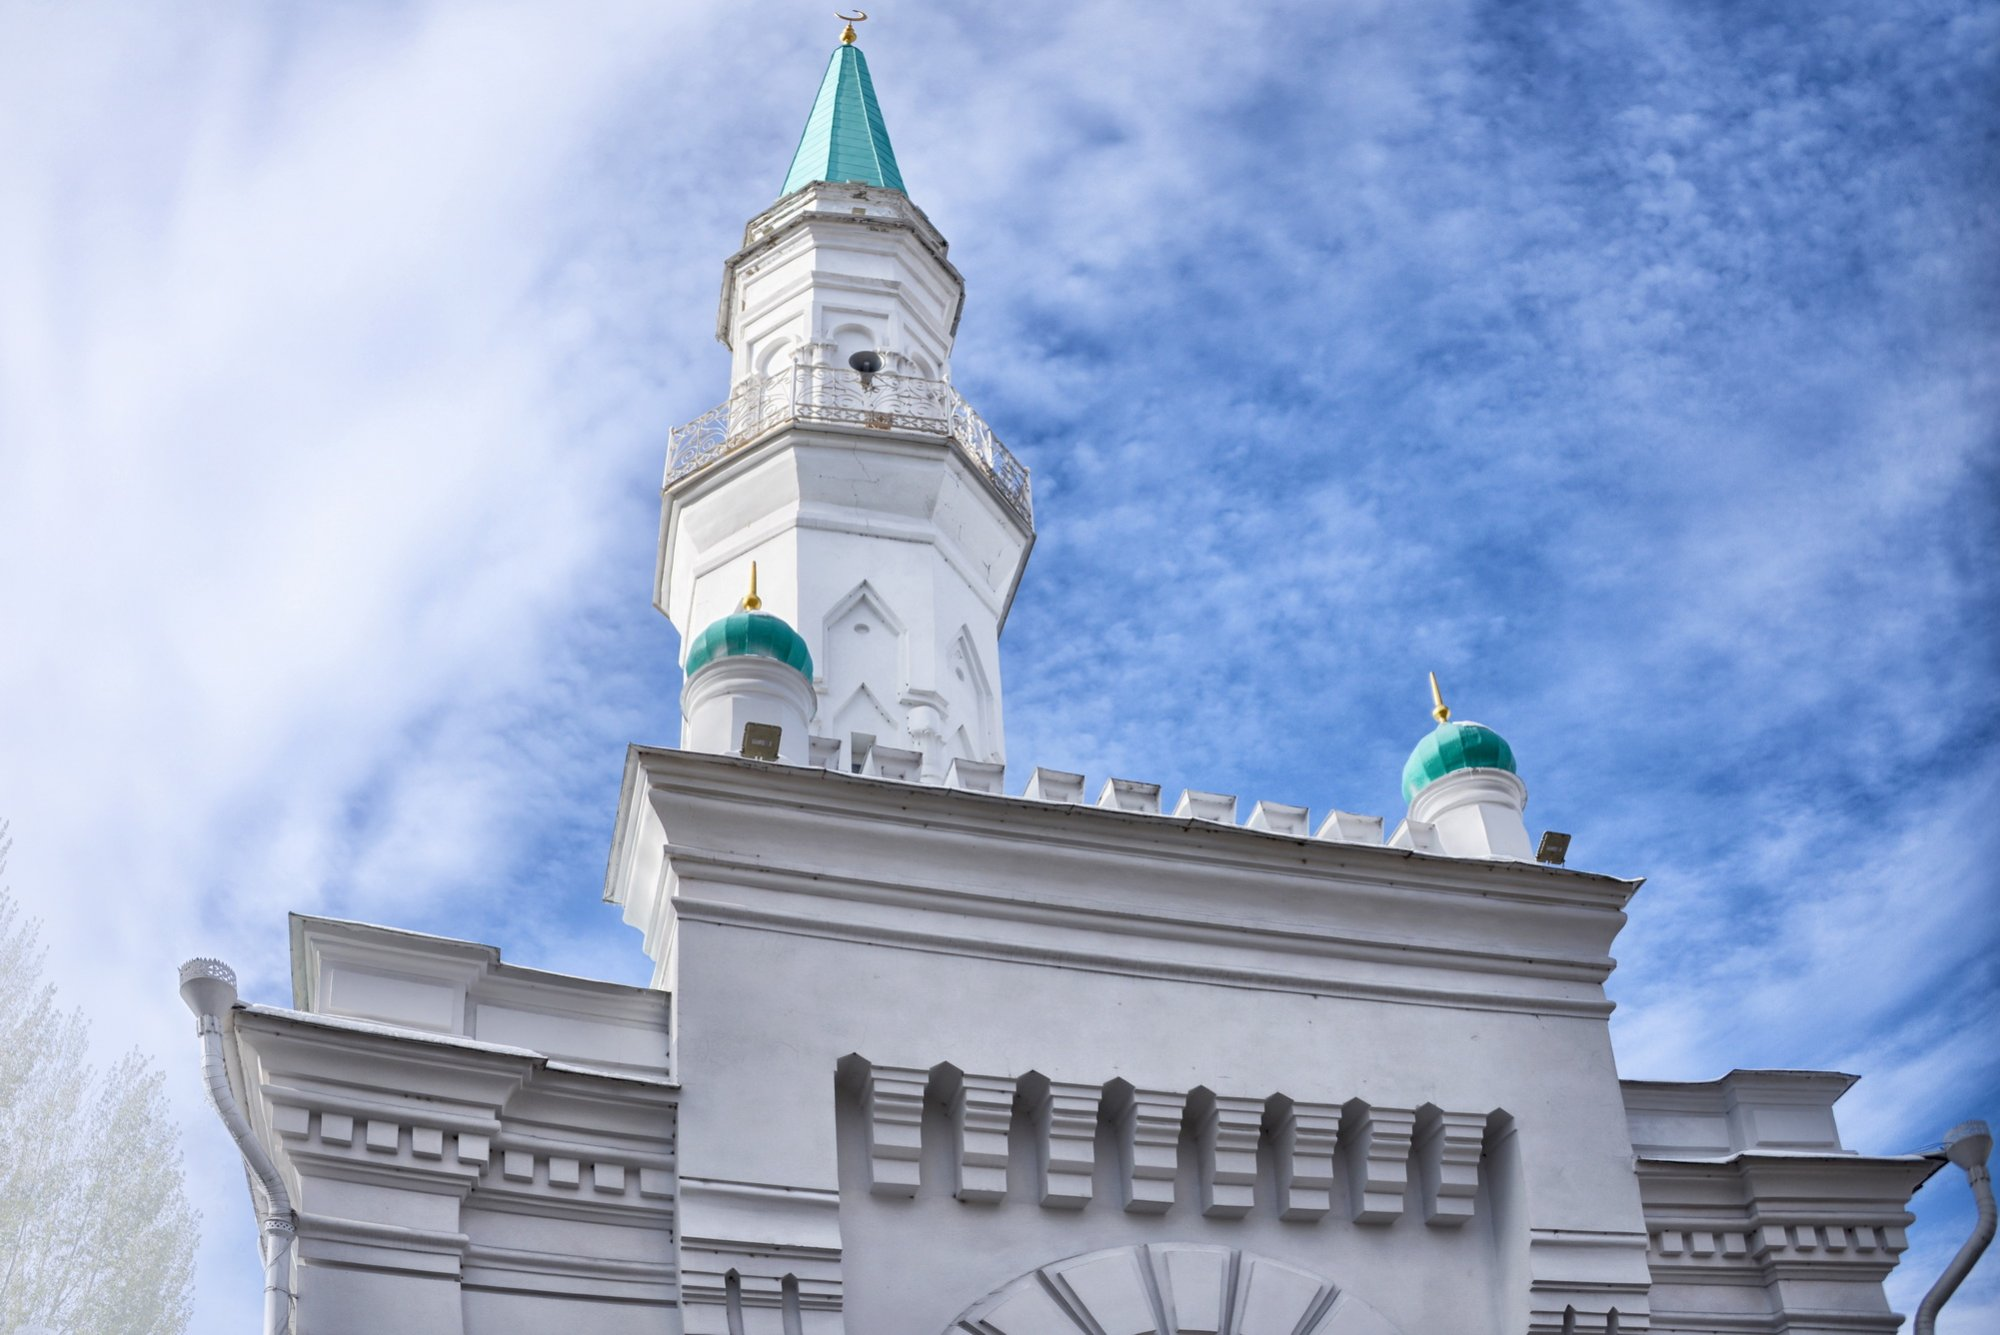 Павлодар - единственный город в РК, в котором сохранилась целая улица почти в первозданном виде с ХХ века, - краеведы